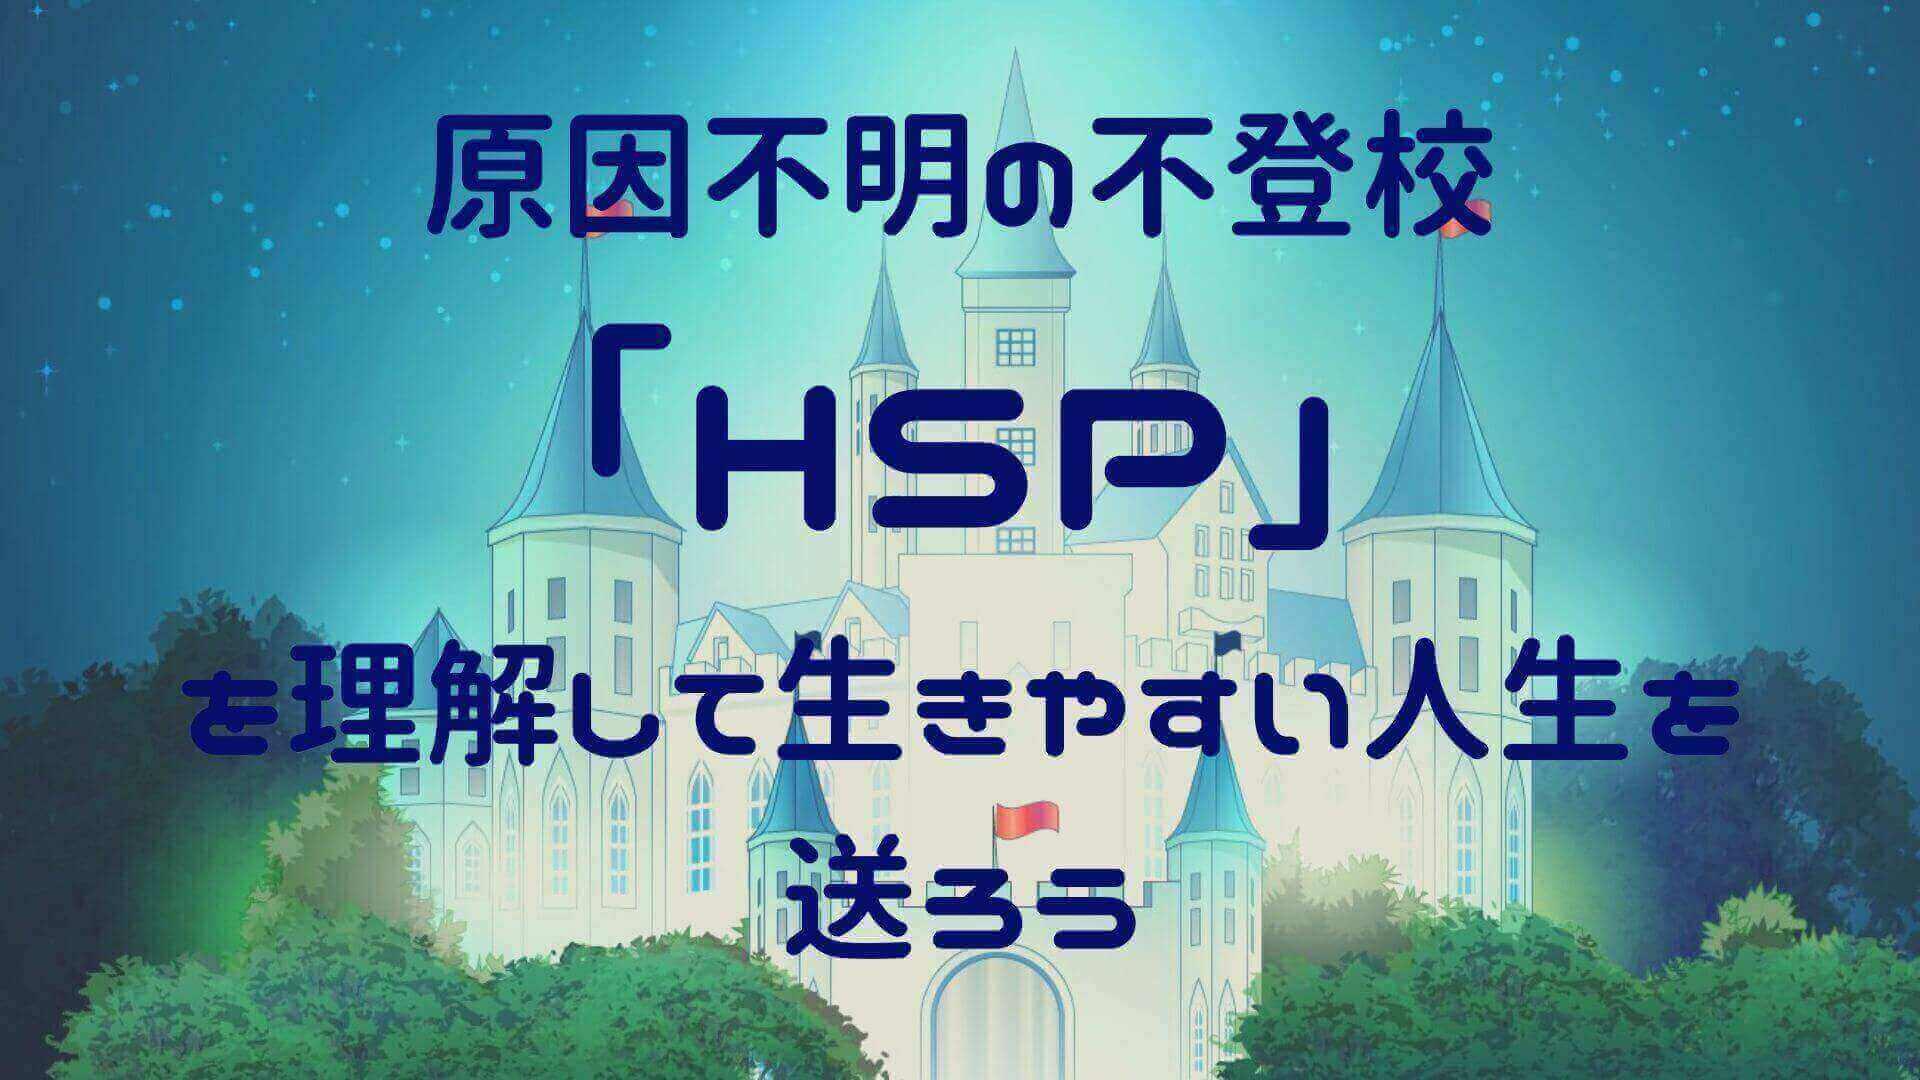 HSPアイキャッチ画像